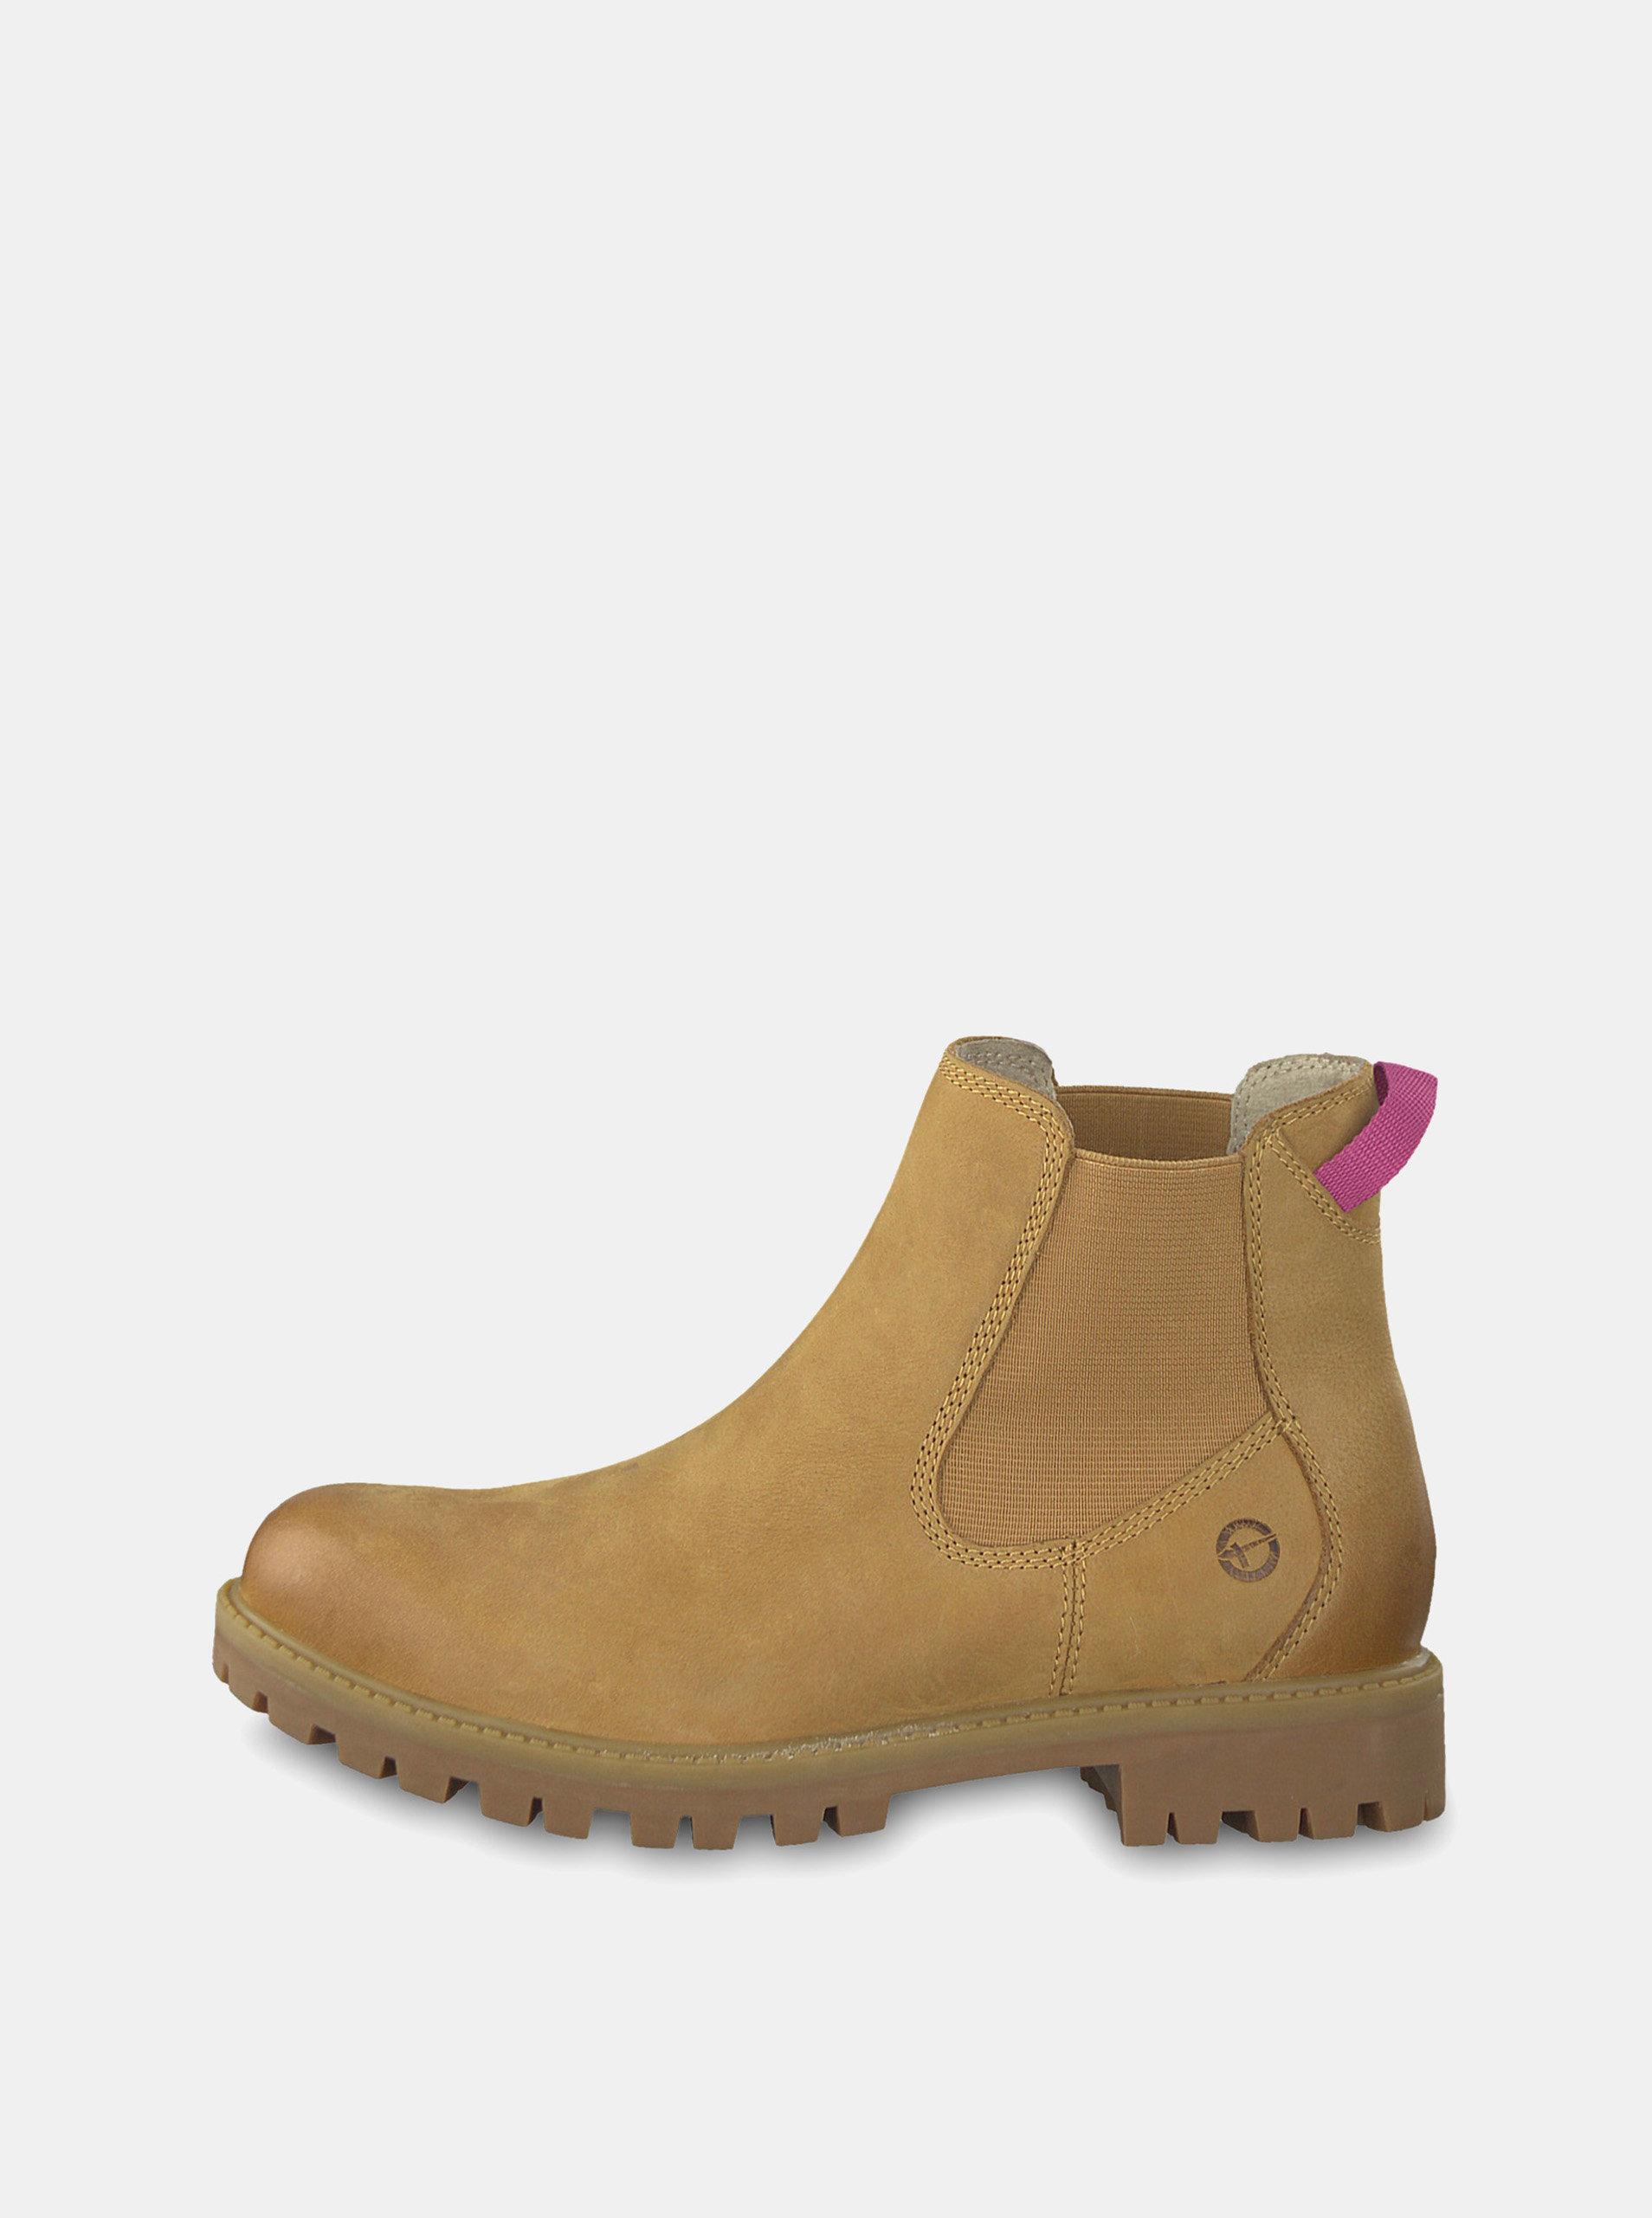 2180033bcc07 Svetlohnedé kožené chelsea topánky Tamaris ...